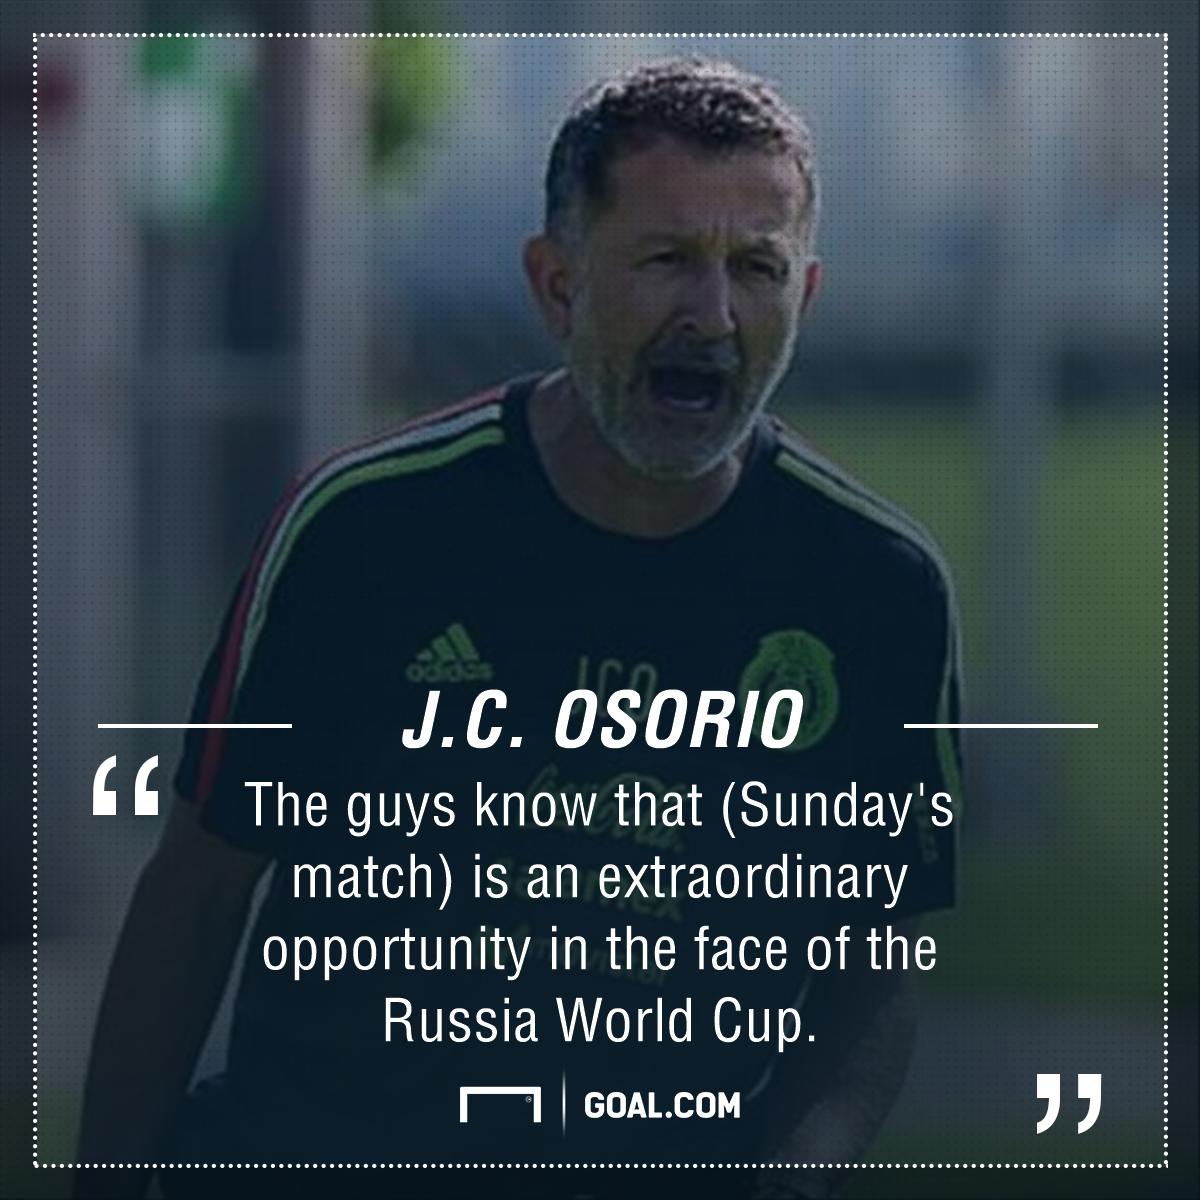 Osorio quote